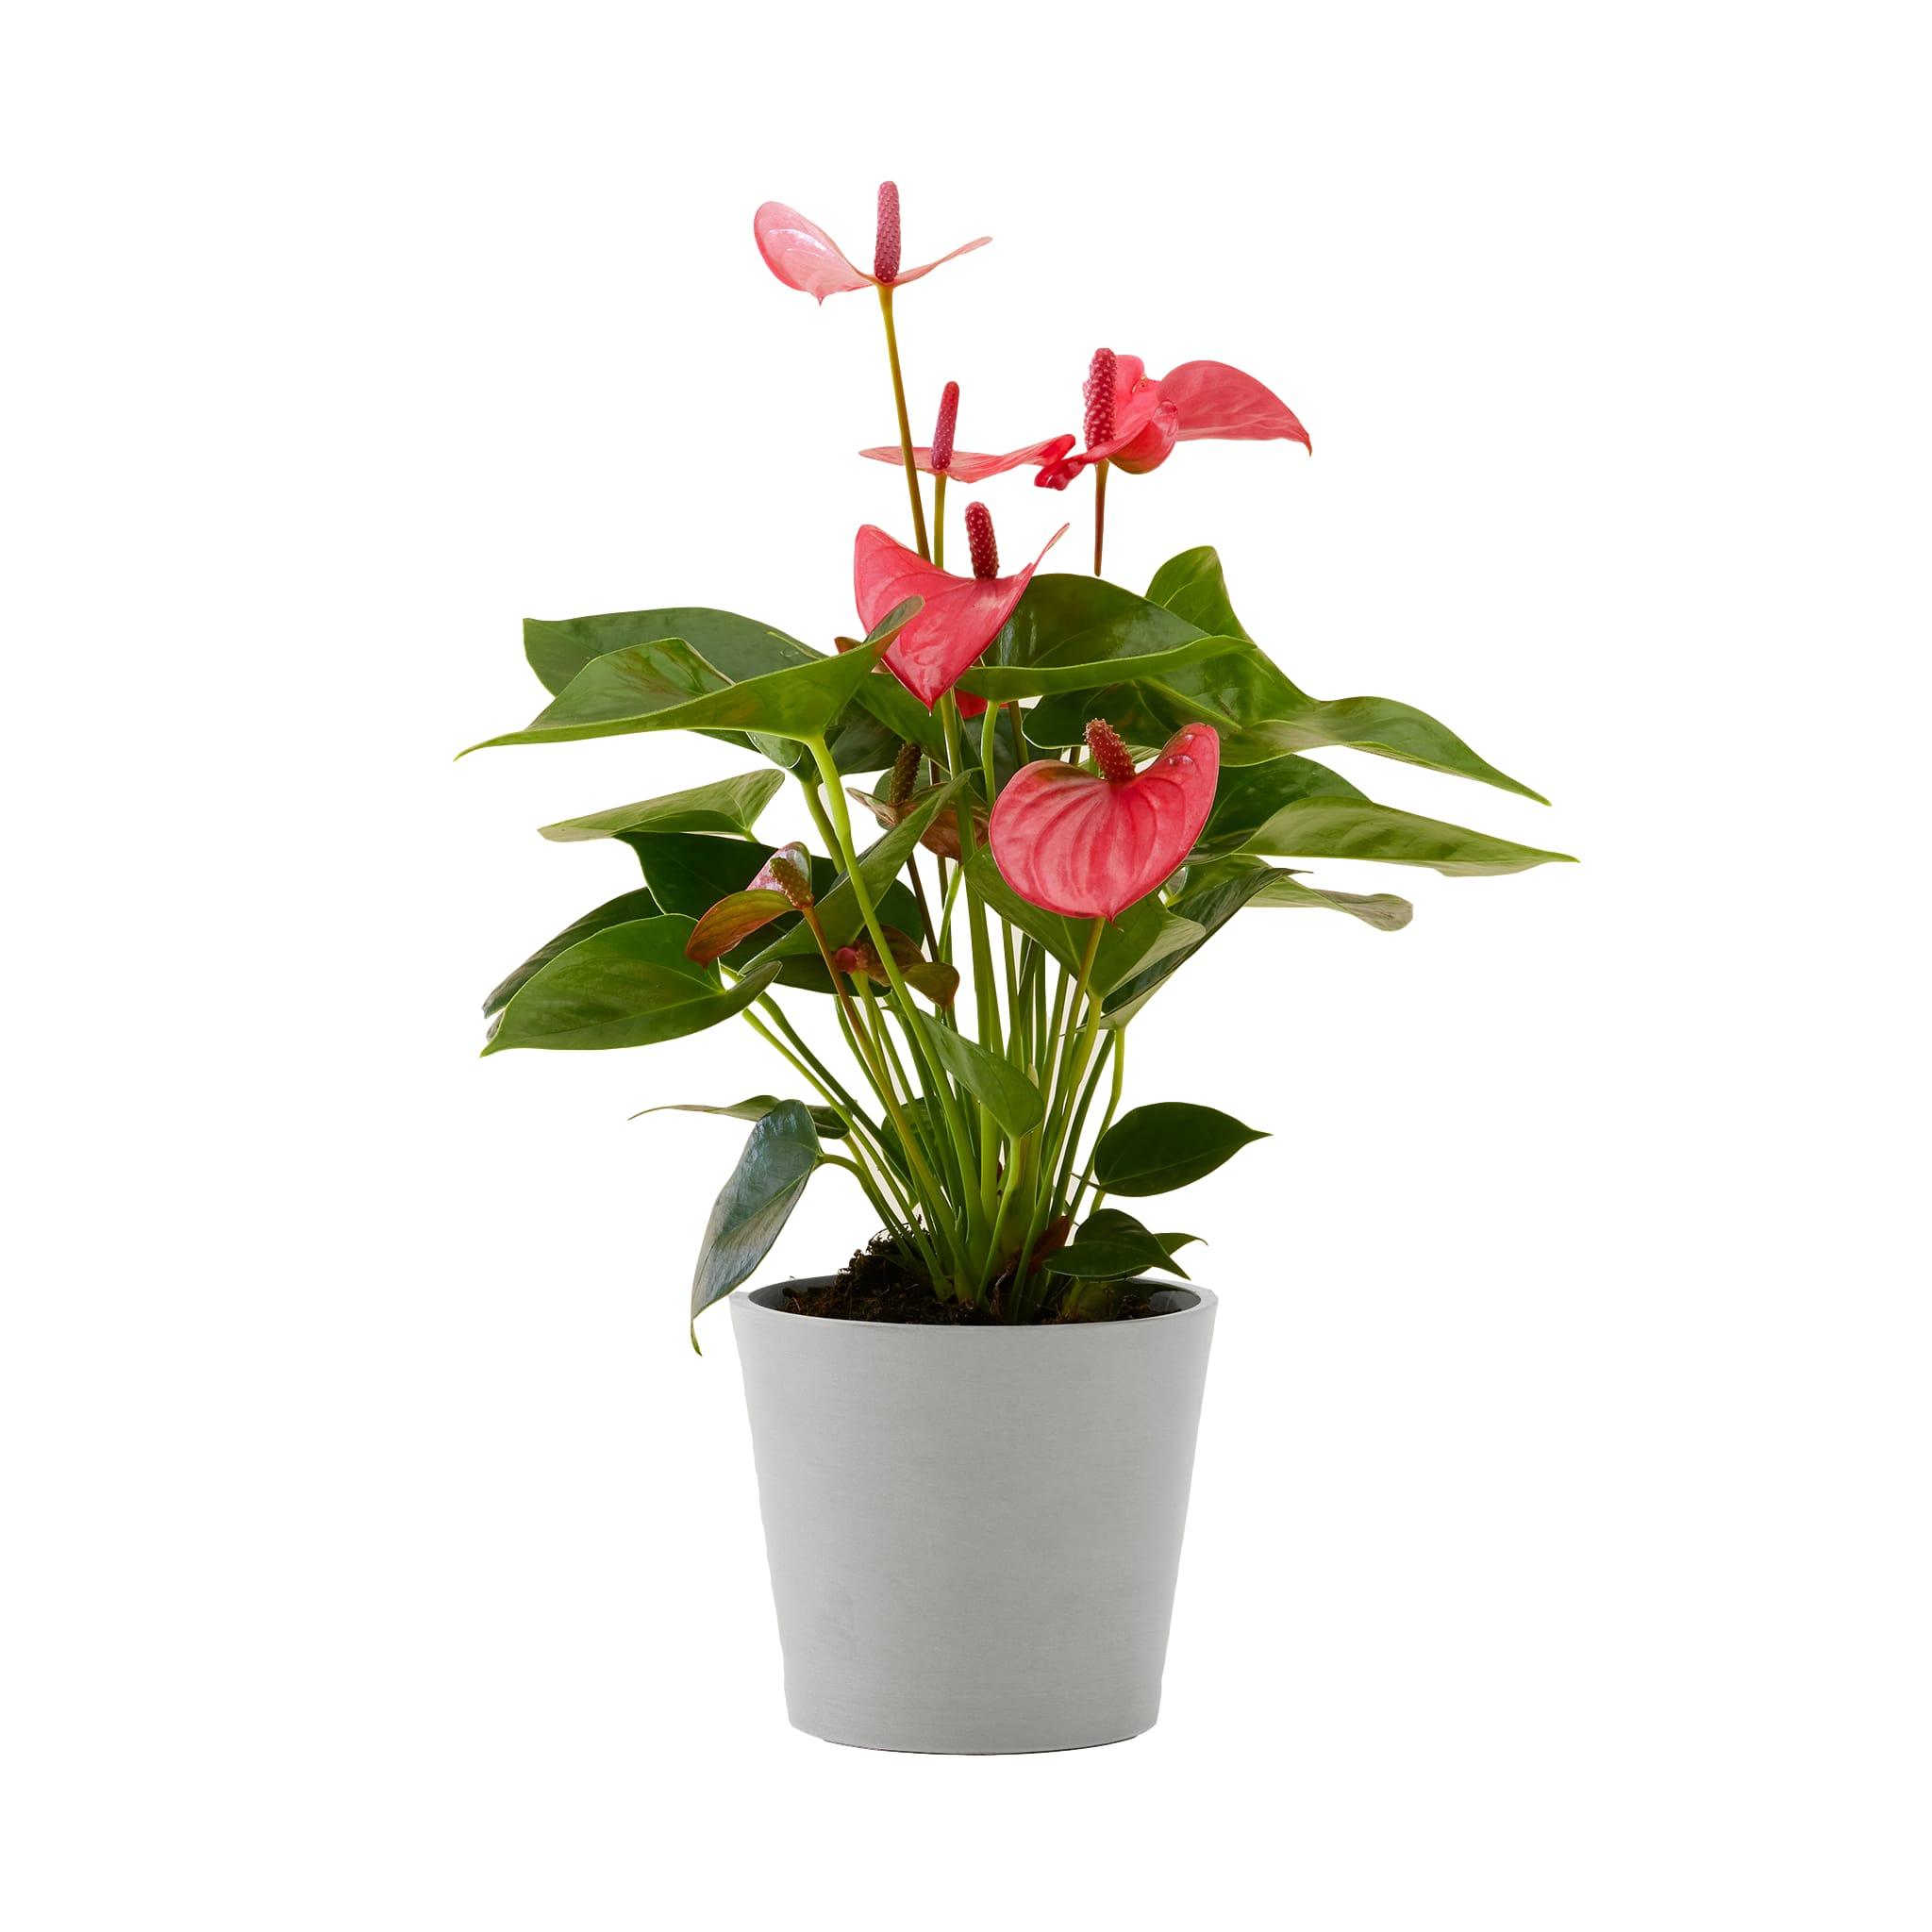 Flowy Plante d'intérieur - Anthurium rose 50 cm en pot blanc gris